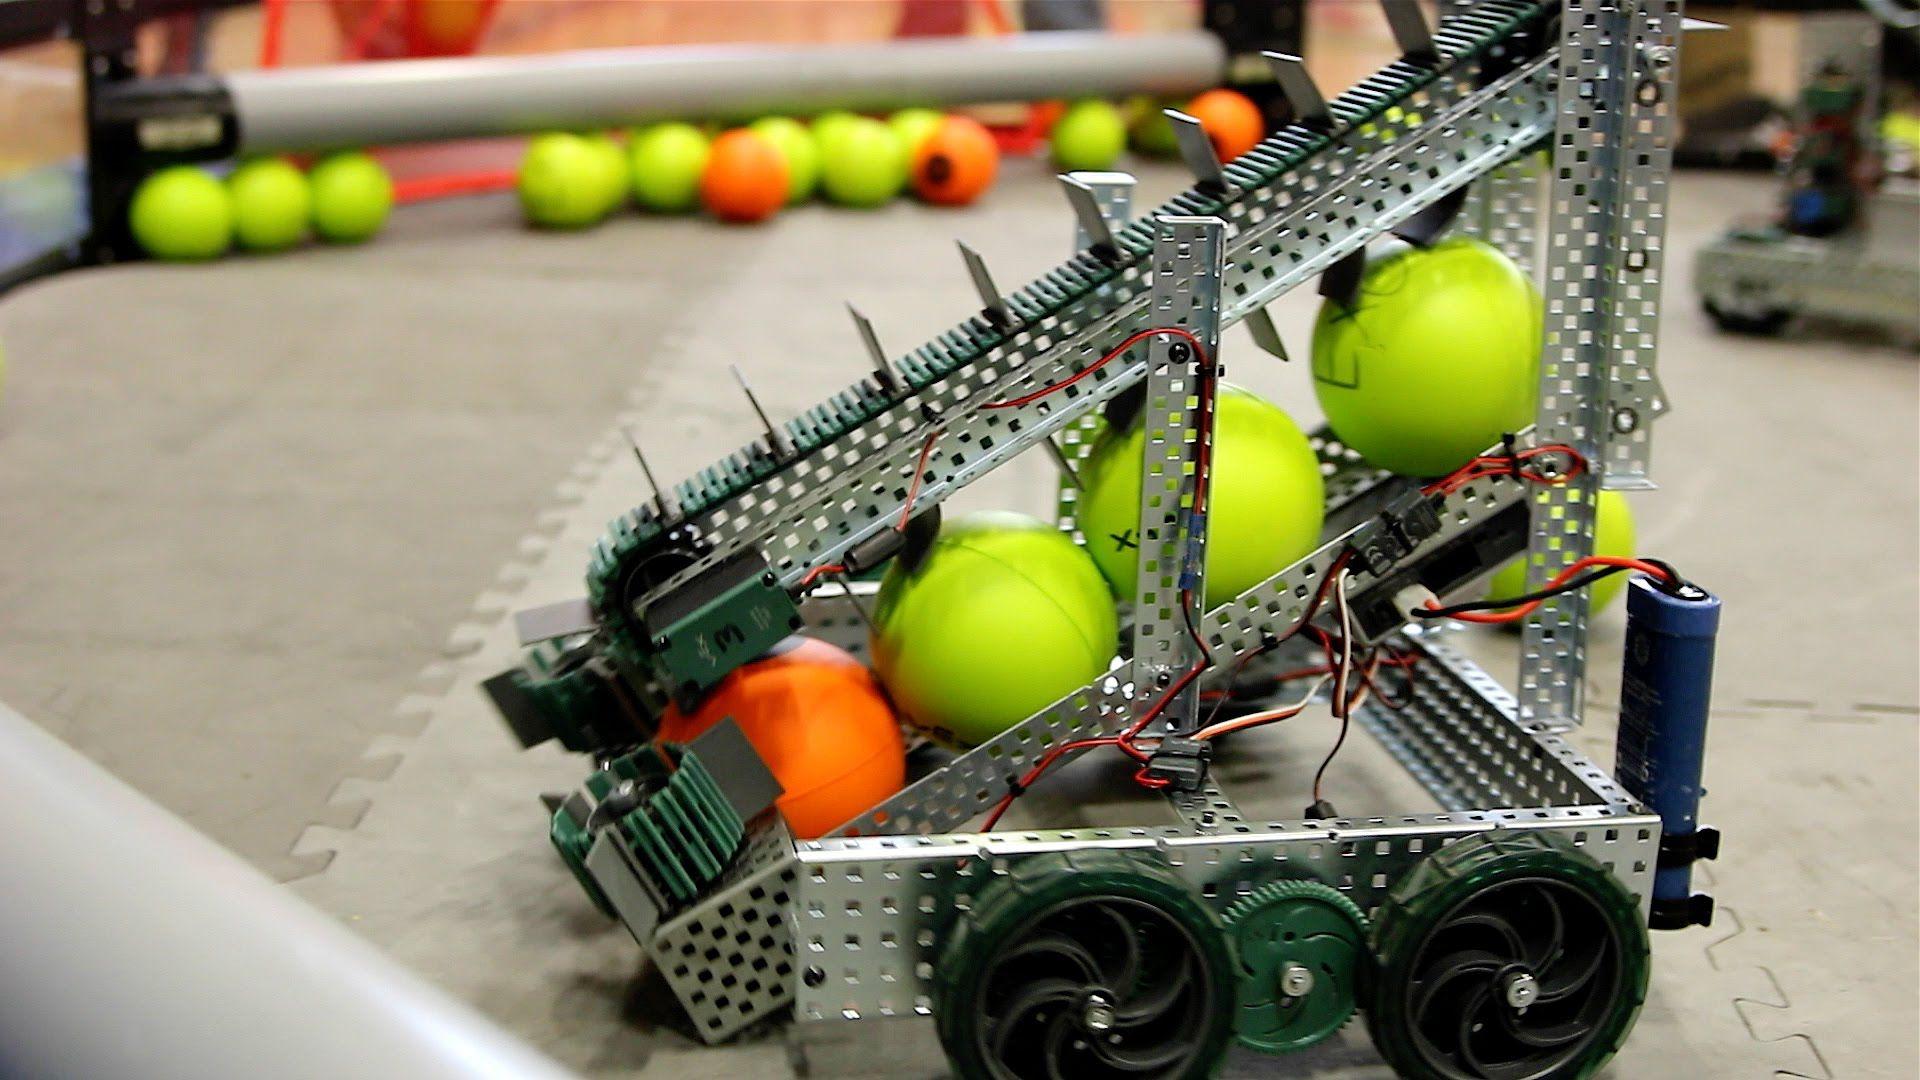 Nothing But Net - VEX Robotics   VEX EDR!   Vex robotics